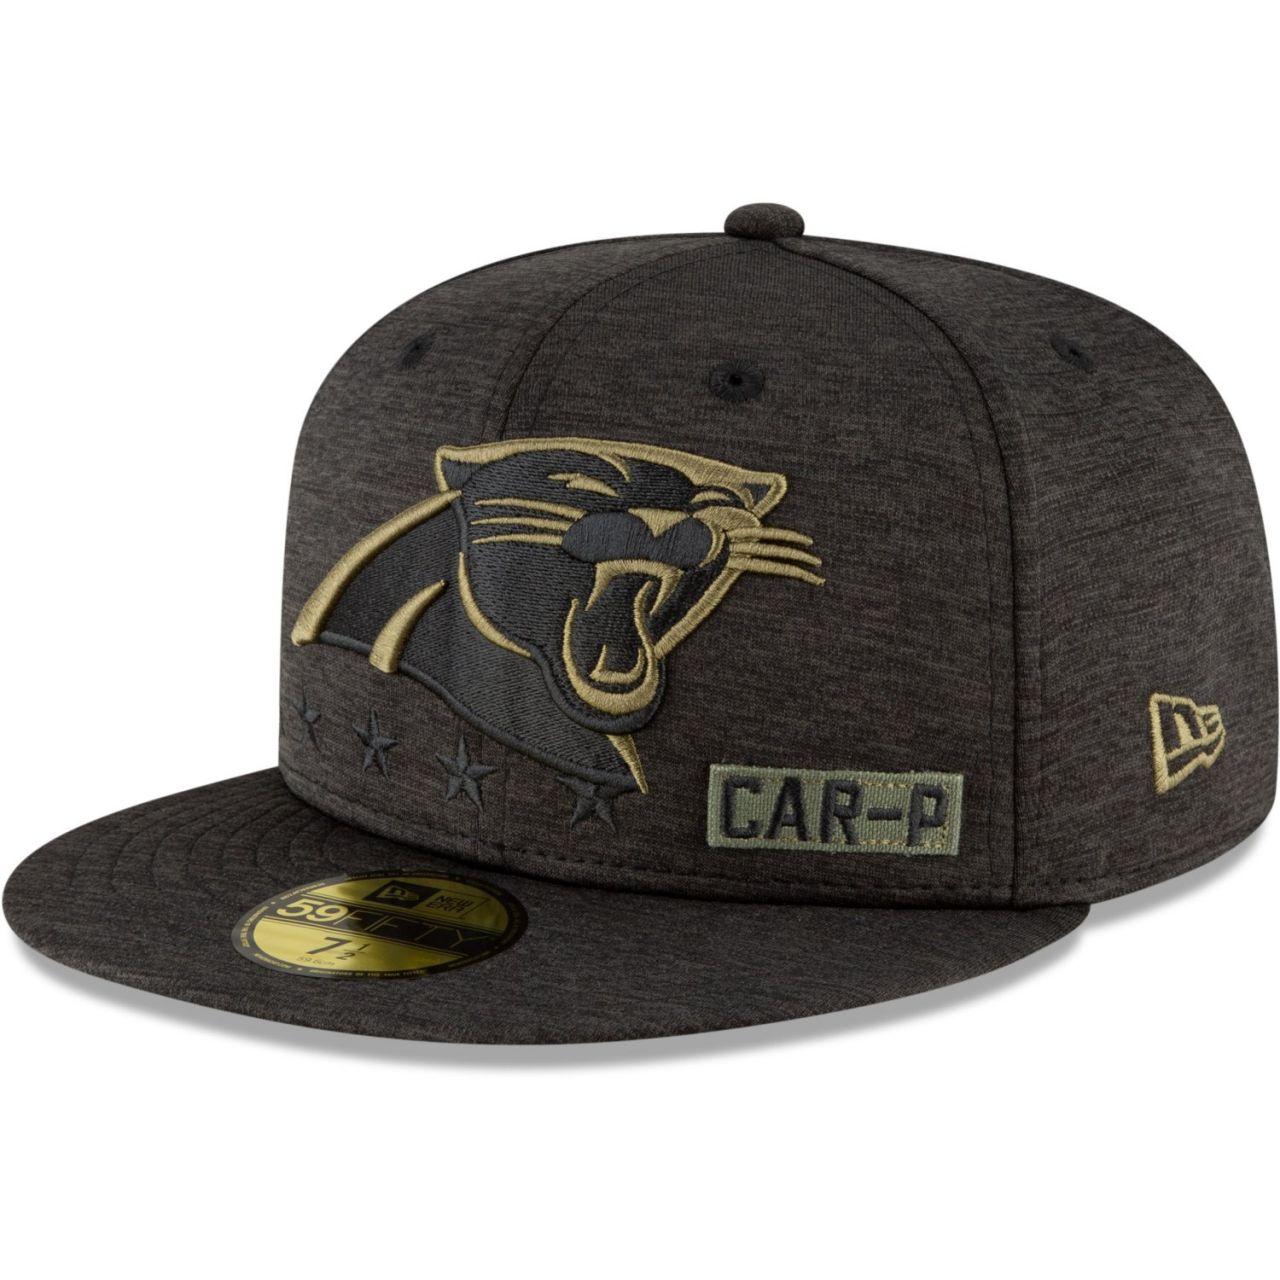 amfoo - New Era 59FIFTY Cap Salute to Service NFL Carolina Panthers